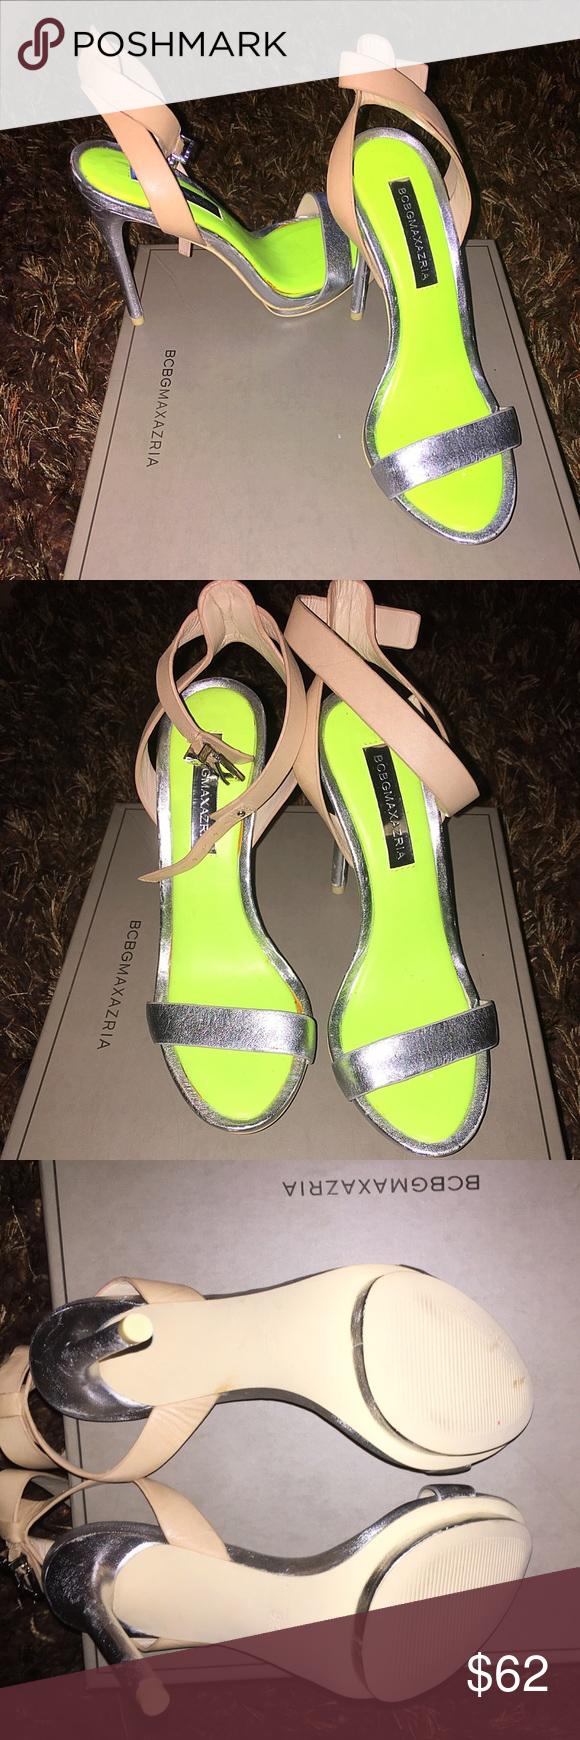 6300d2466f7 BCBG Max Azria heel- MA-FINITE Open toe, MA FINITE Platinum/Nude ...